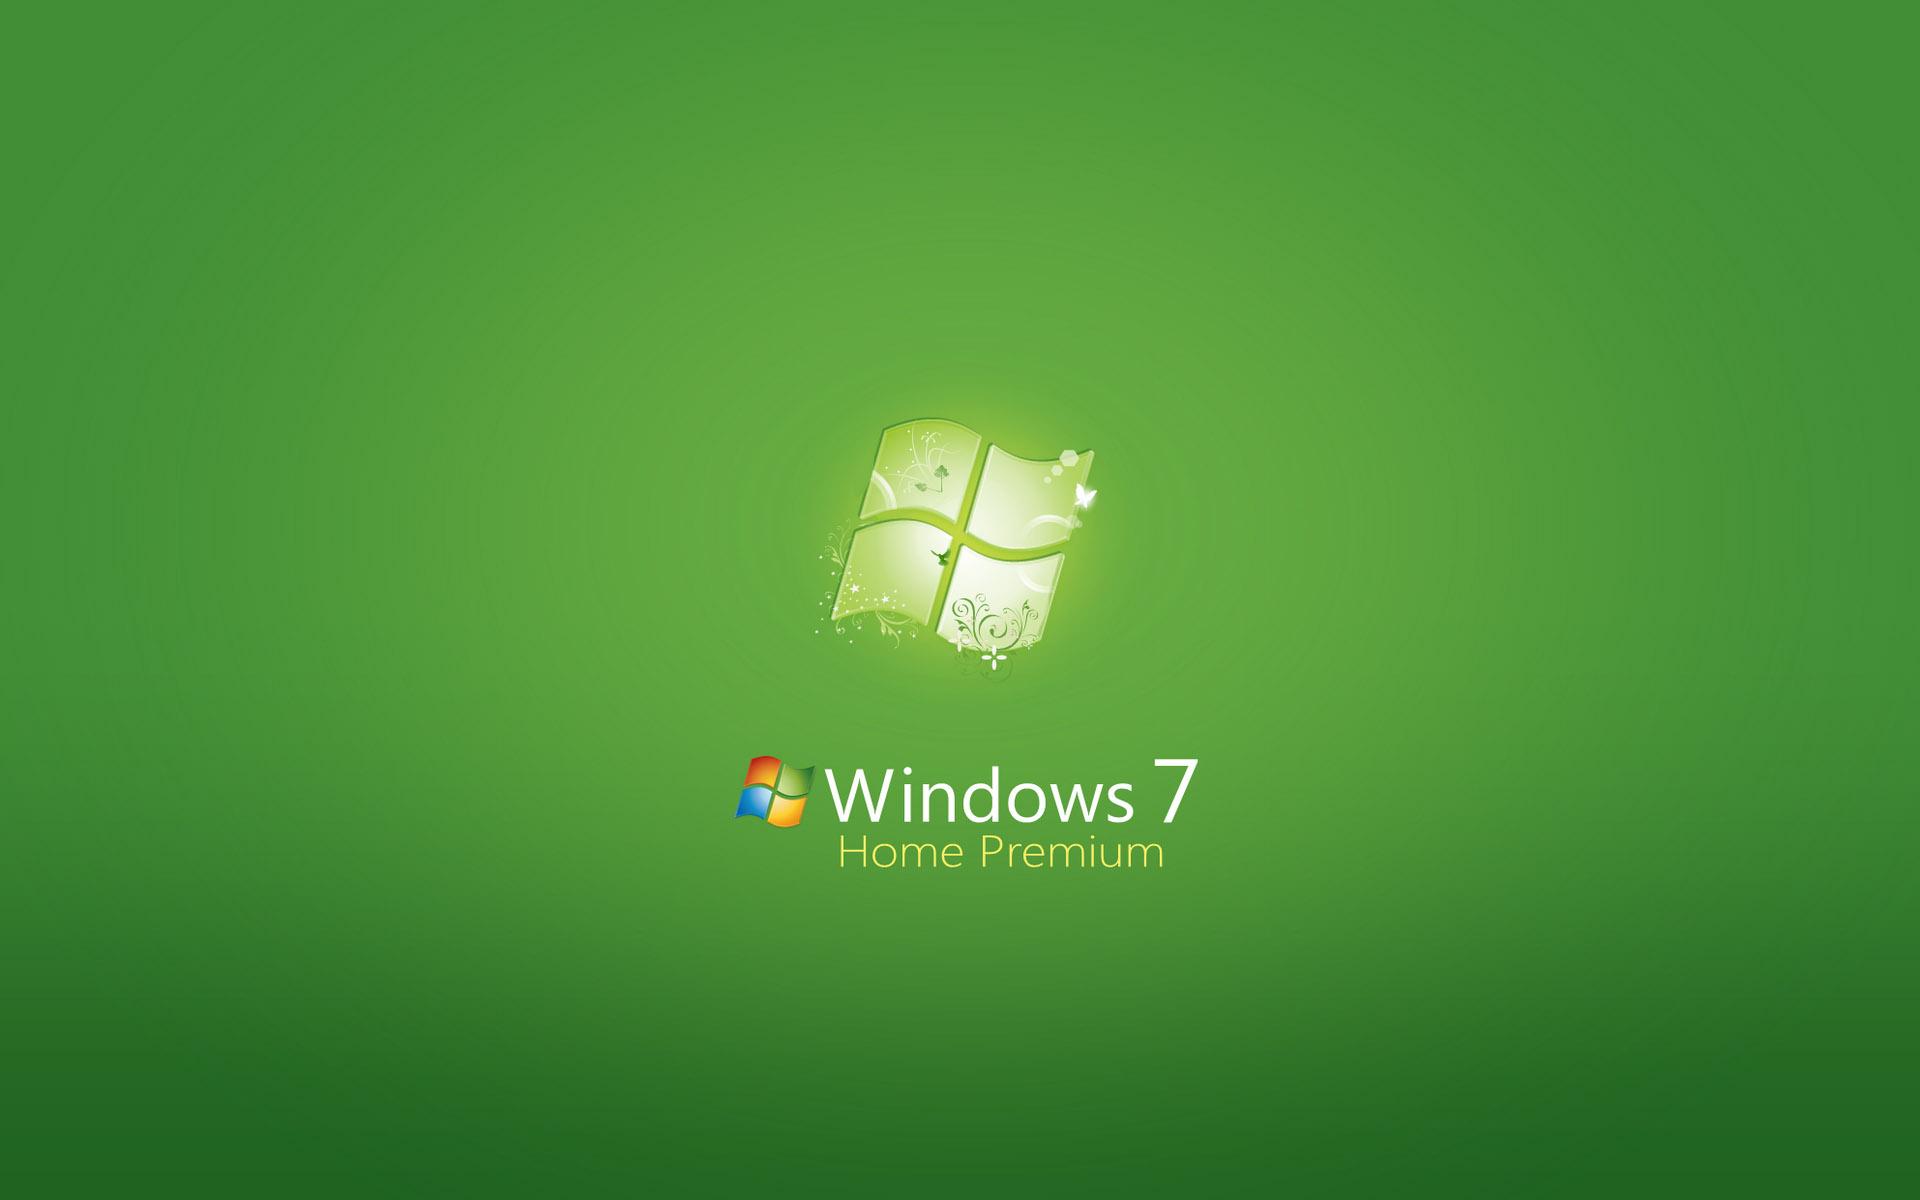 Windows 7 wallpapers Wallpapers Inbox 1920x1200